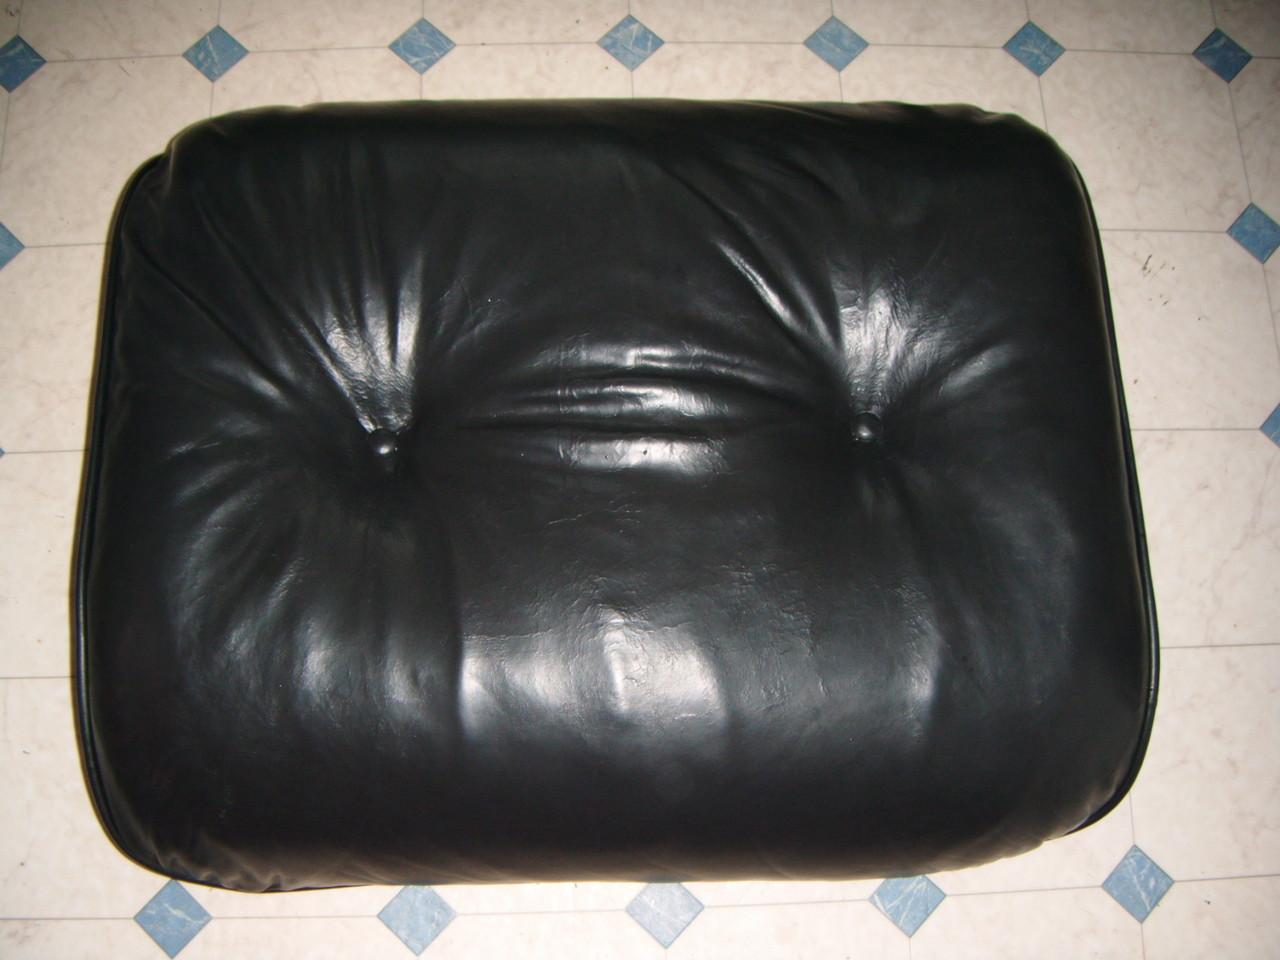 Eames Lounge Chair Restauration (Nachher)